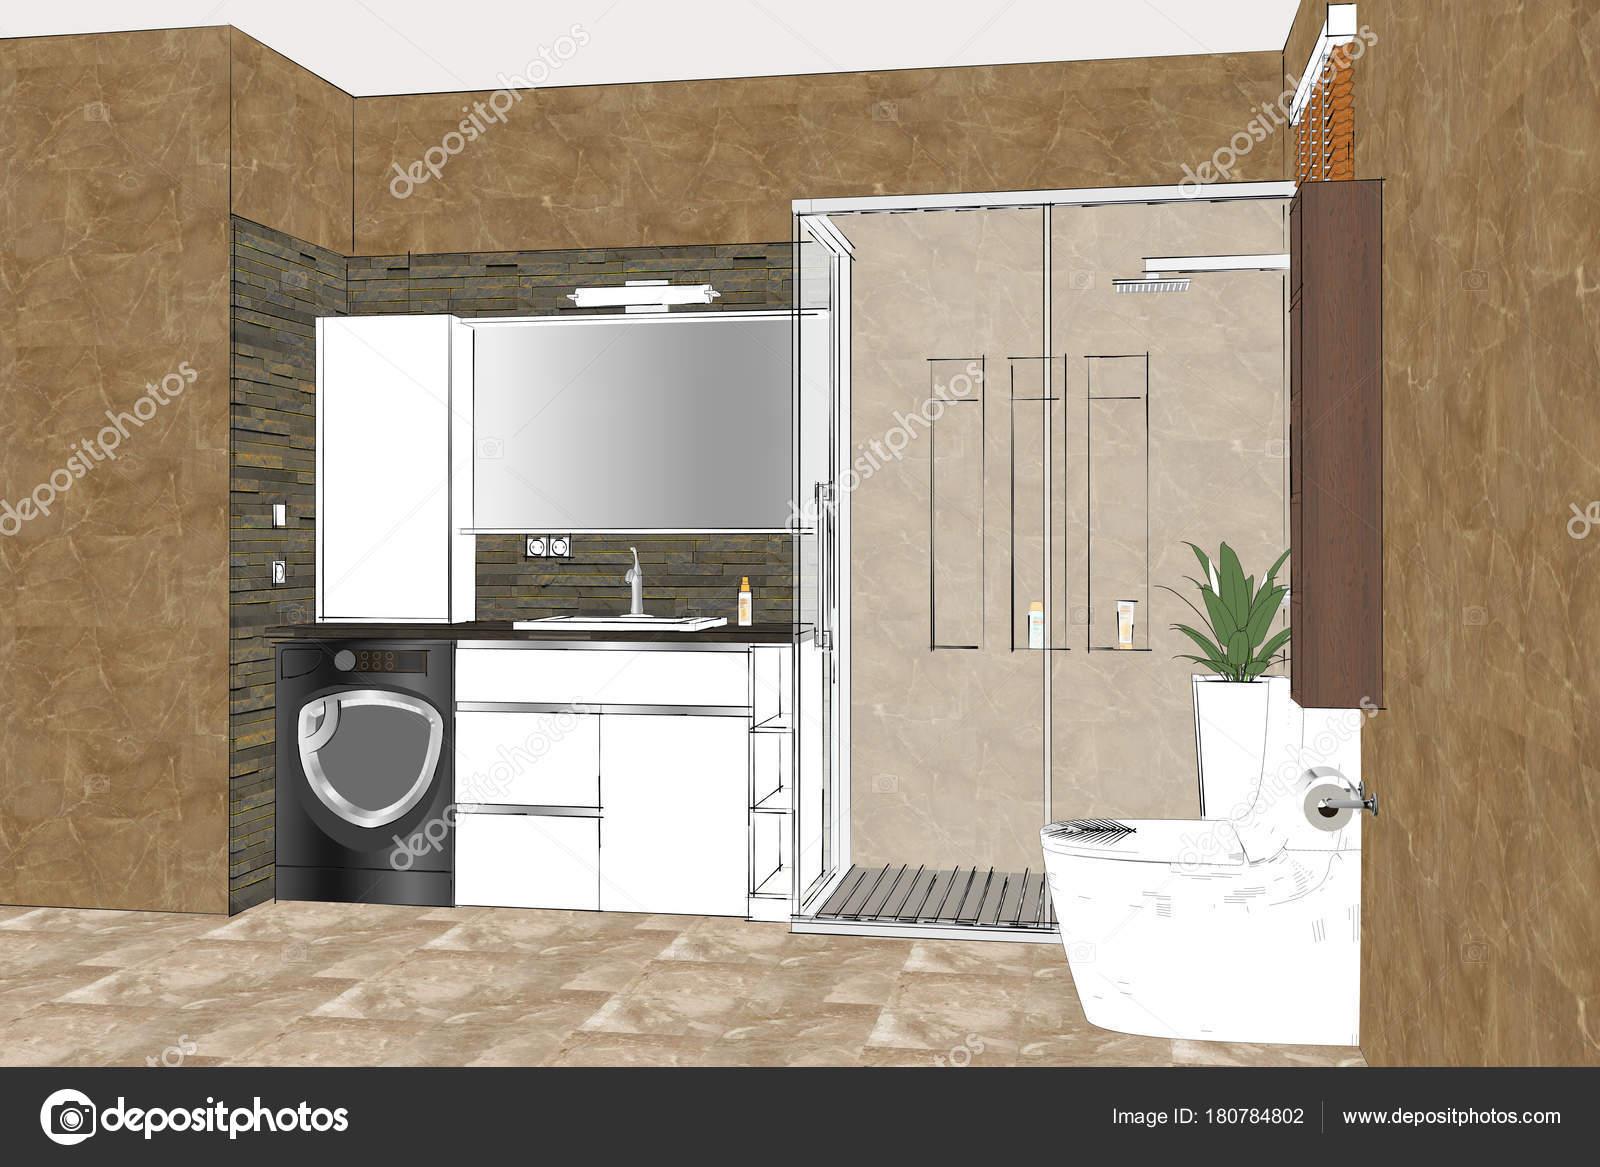 Stock Di Arredo Bagno.Illustrazione Schizzo Lineare Arredamento Bagno Design